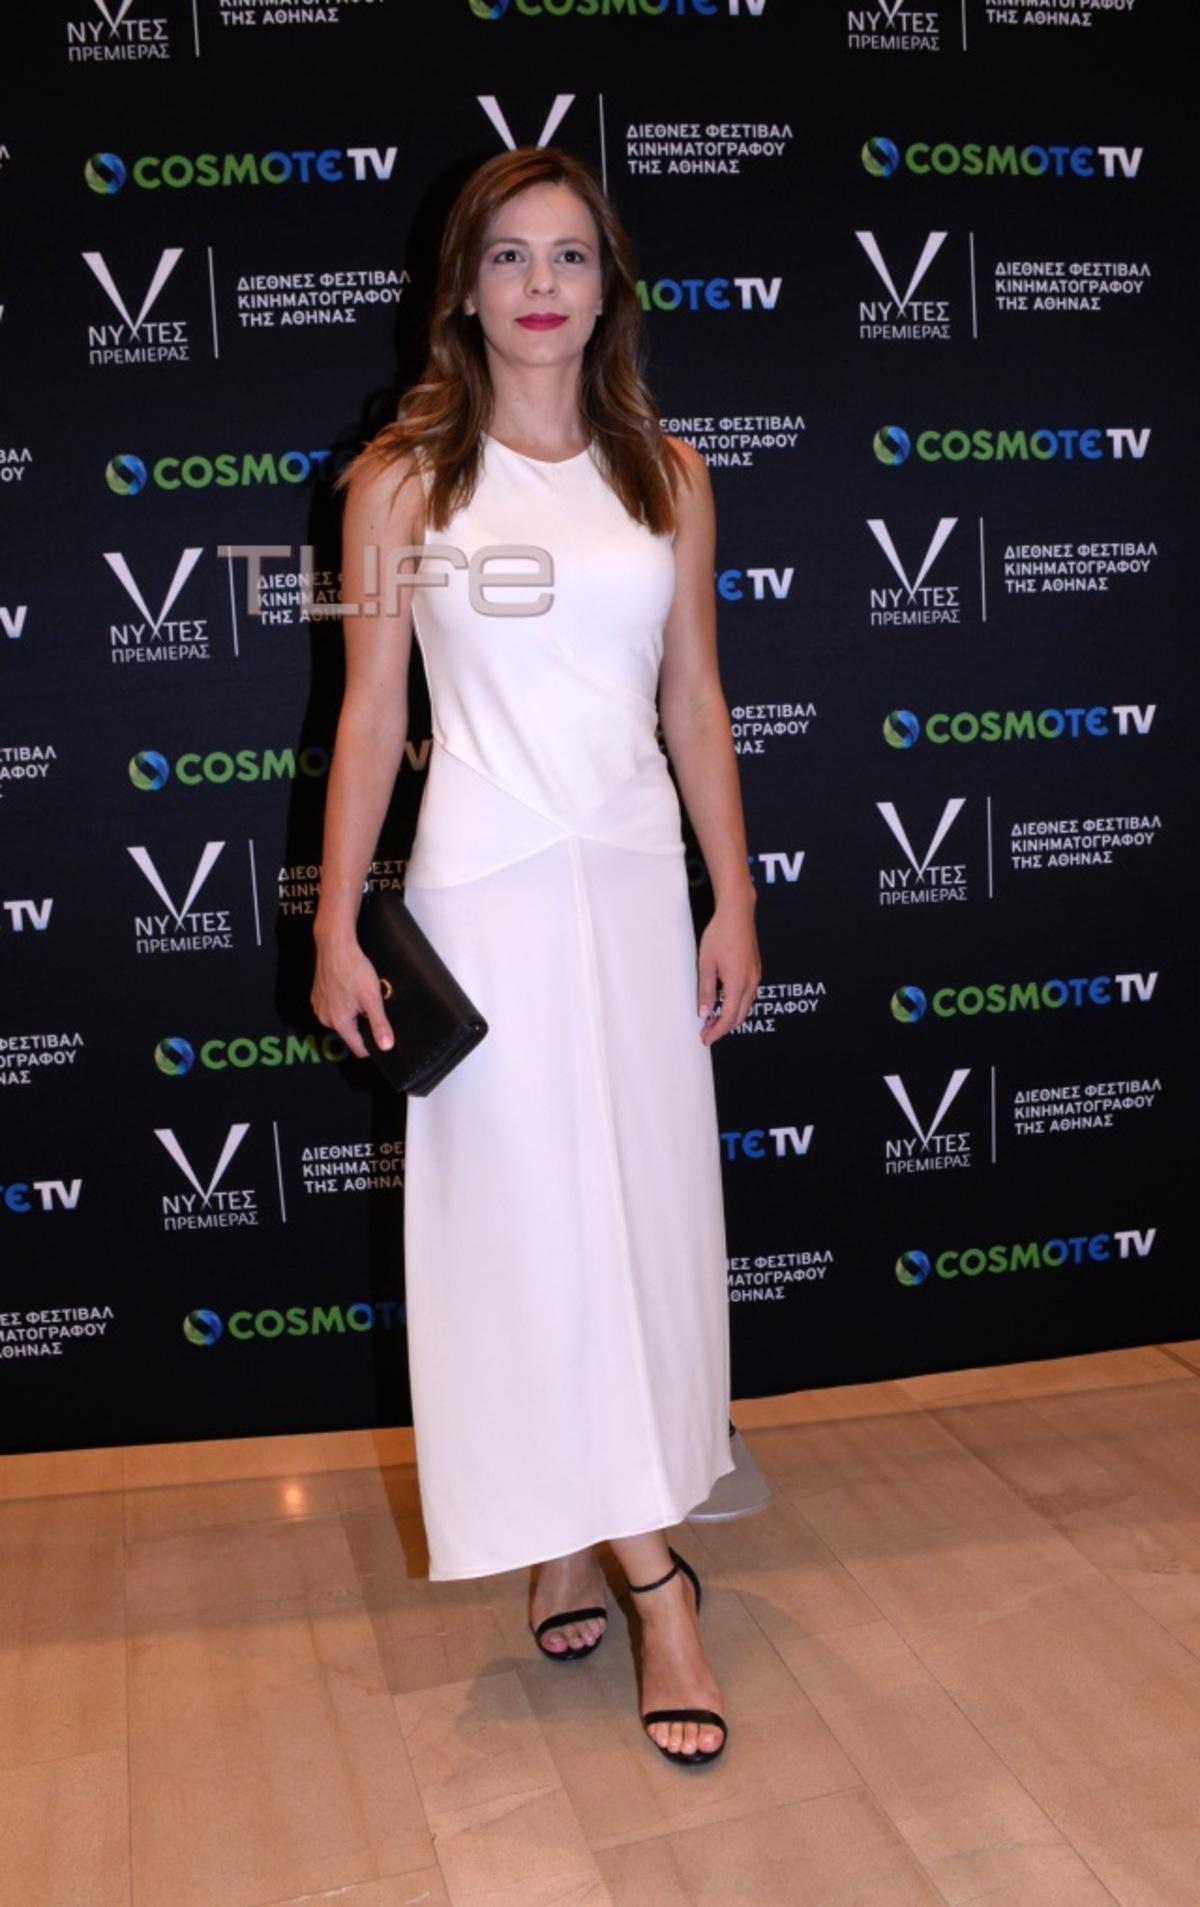 Έφη Αχτσιόγλου: Εντυπωσιακή εμφάνιση στην έναρξη του φεστιβάλ «Νύχτες Πρεμιέρας» | Newsit.gr